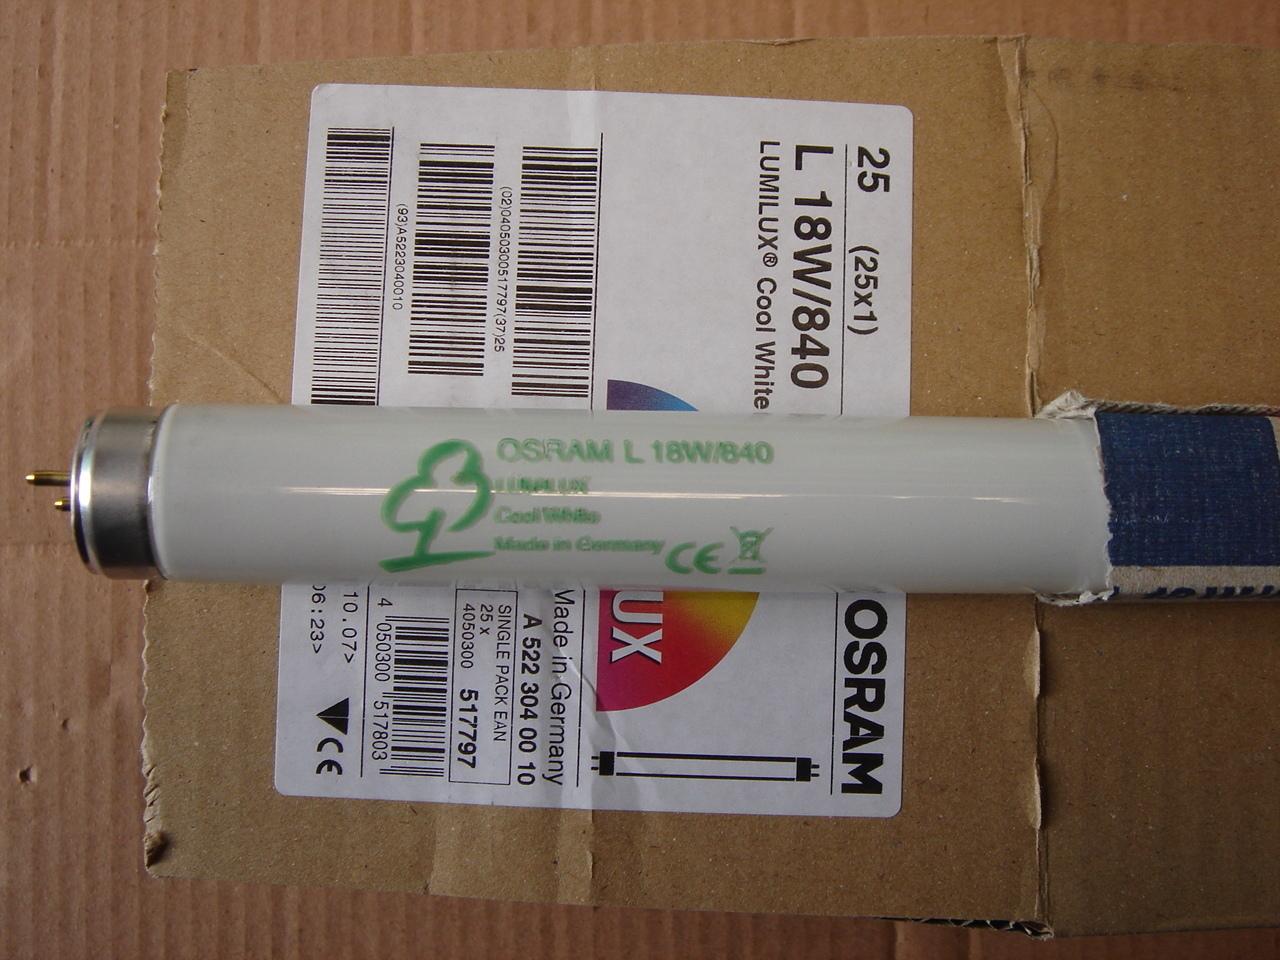 Luminofoortoru 18 W, L18W/840, Osram Lumilux T8, 517797